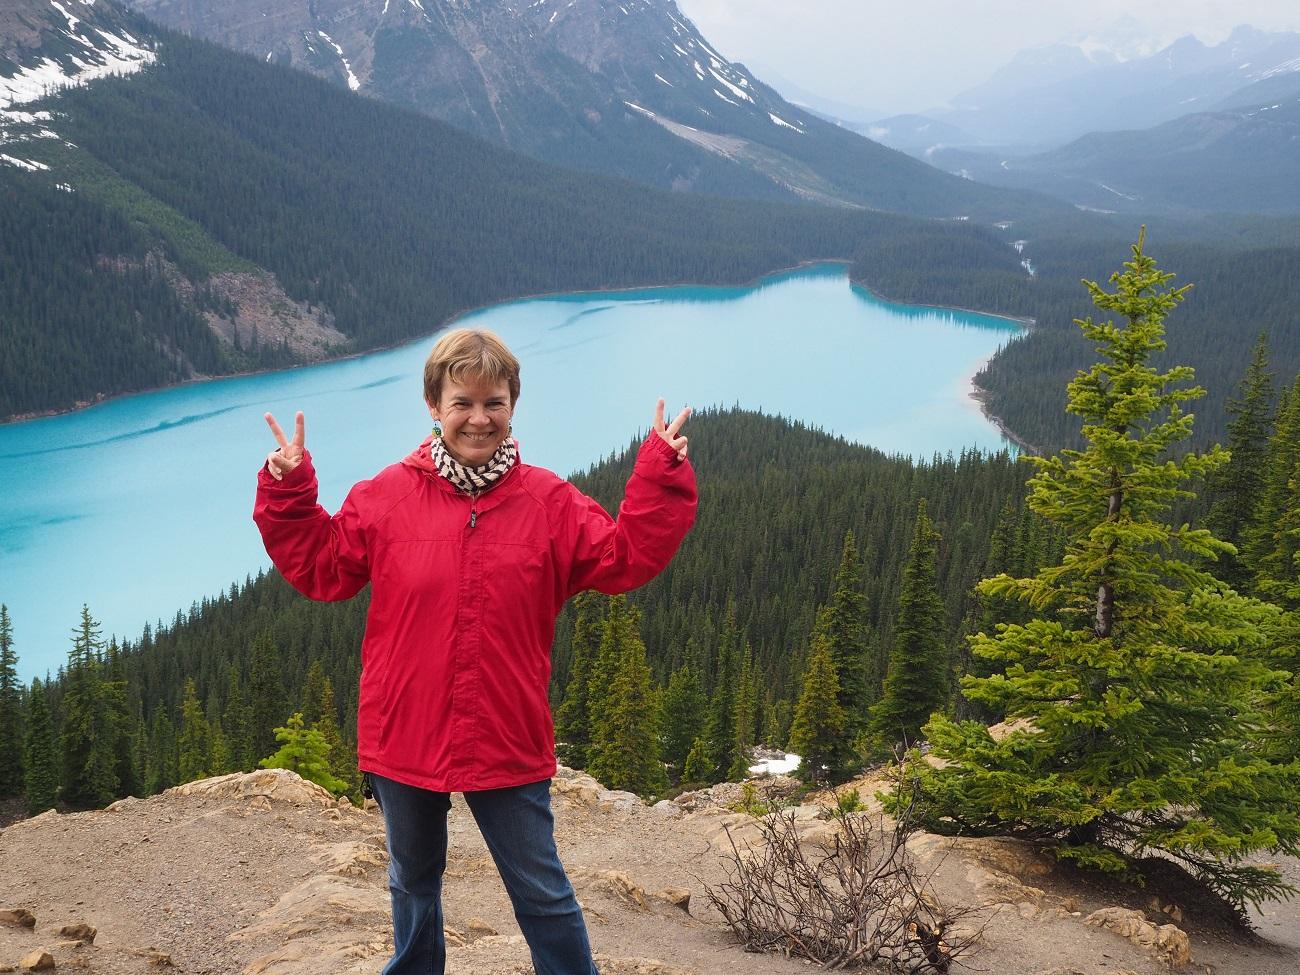 1. kép: Kanada Lake Louise